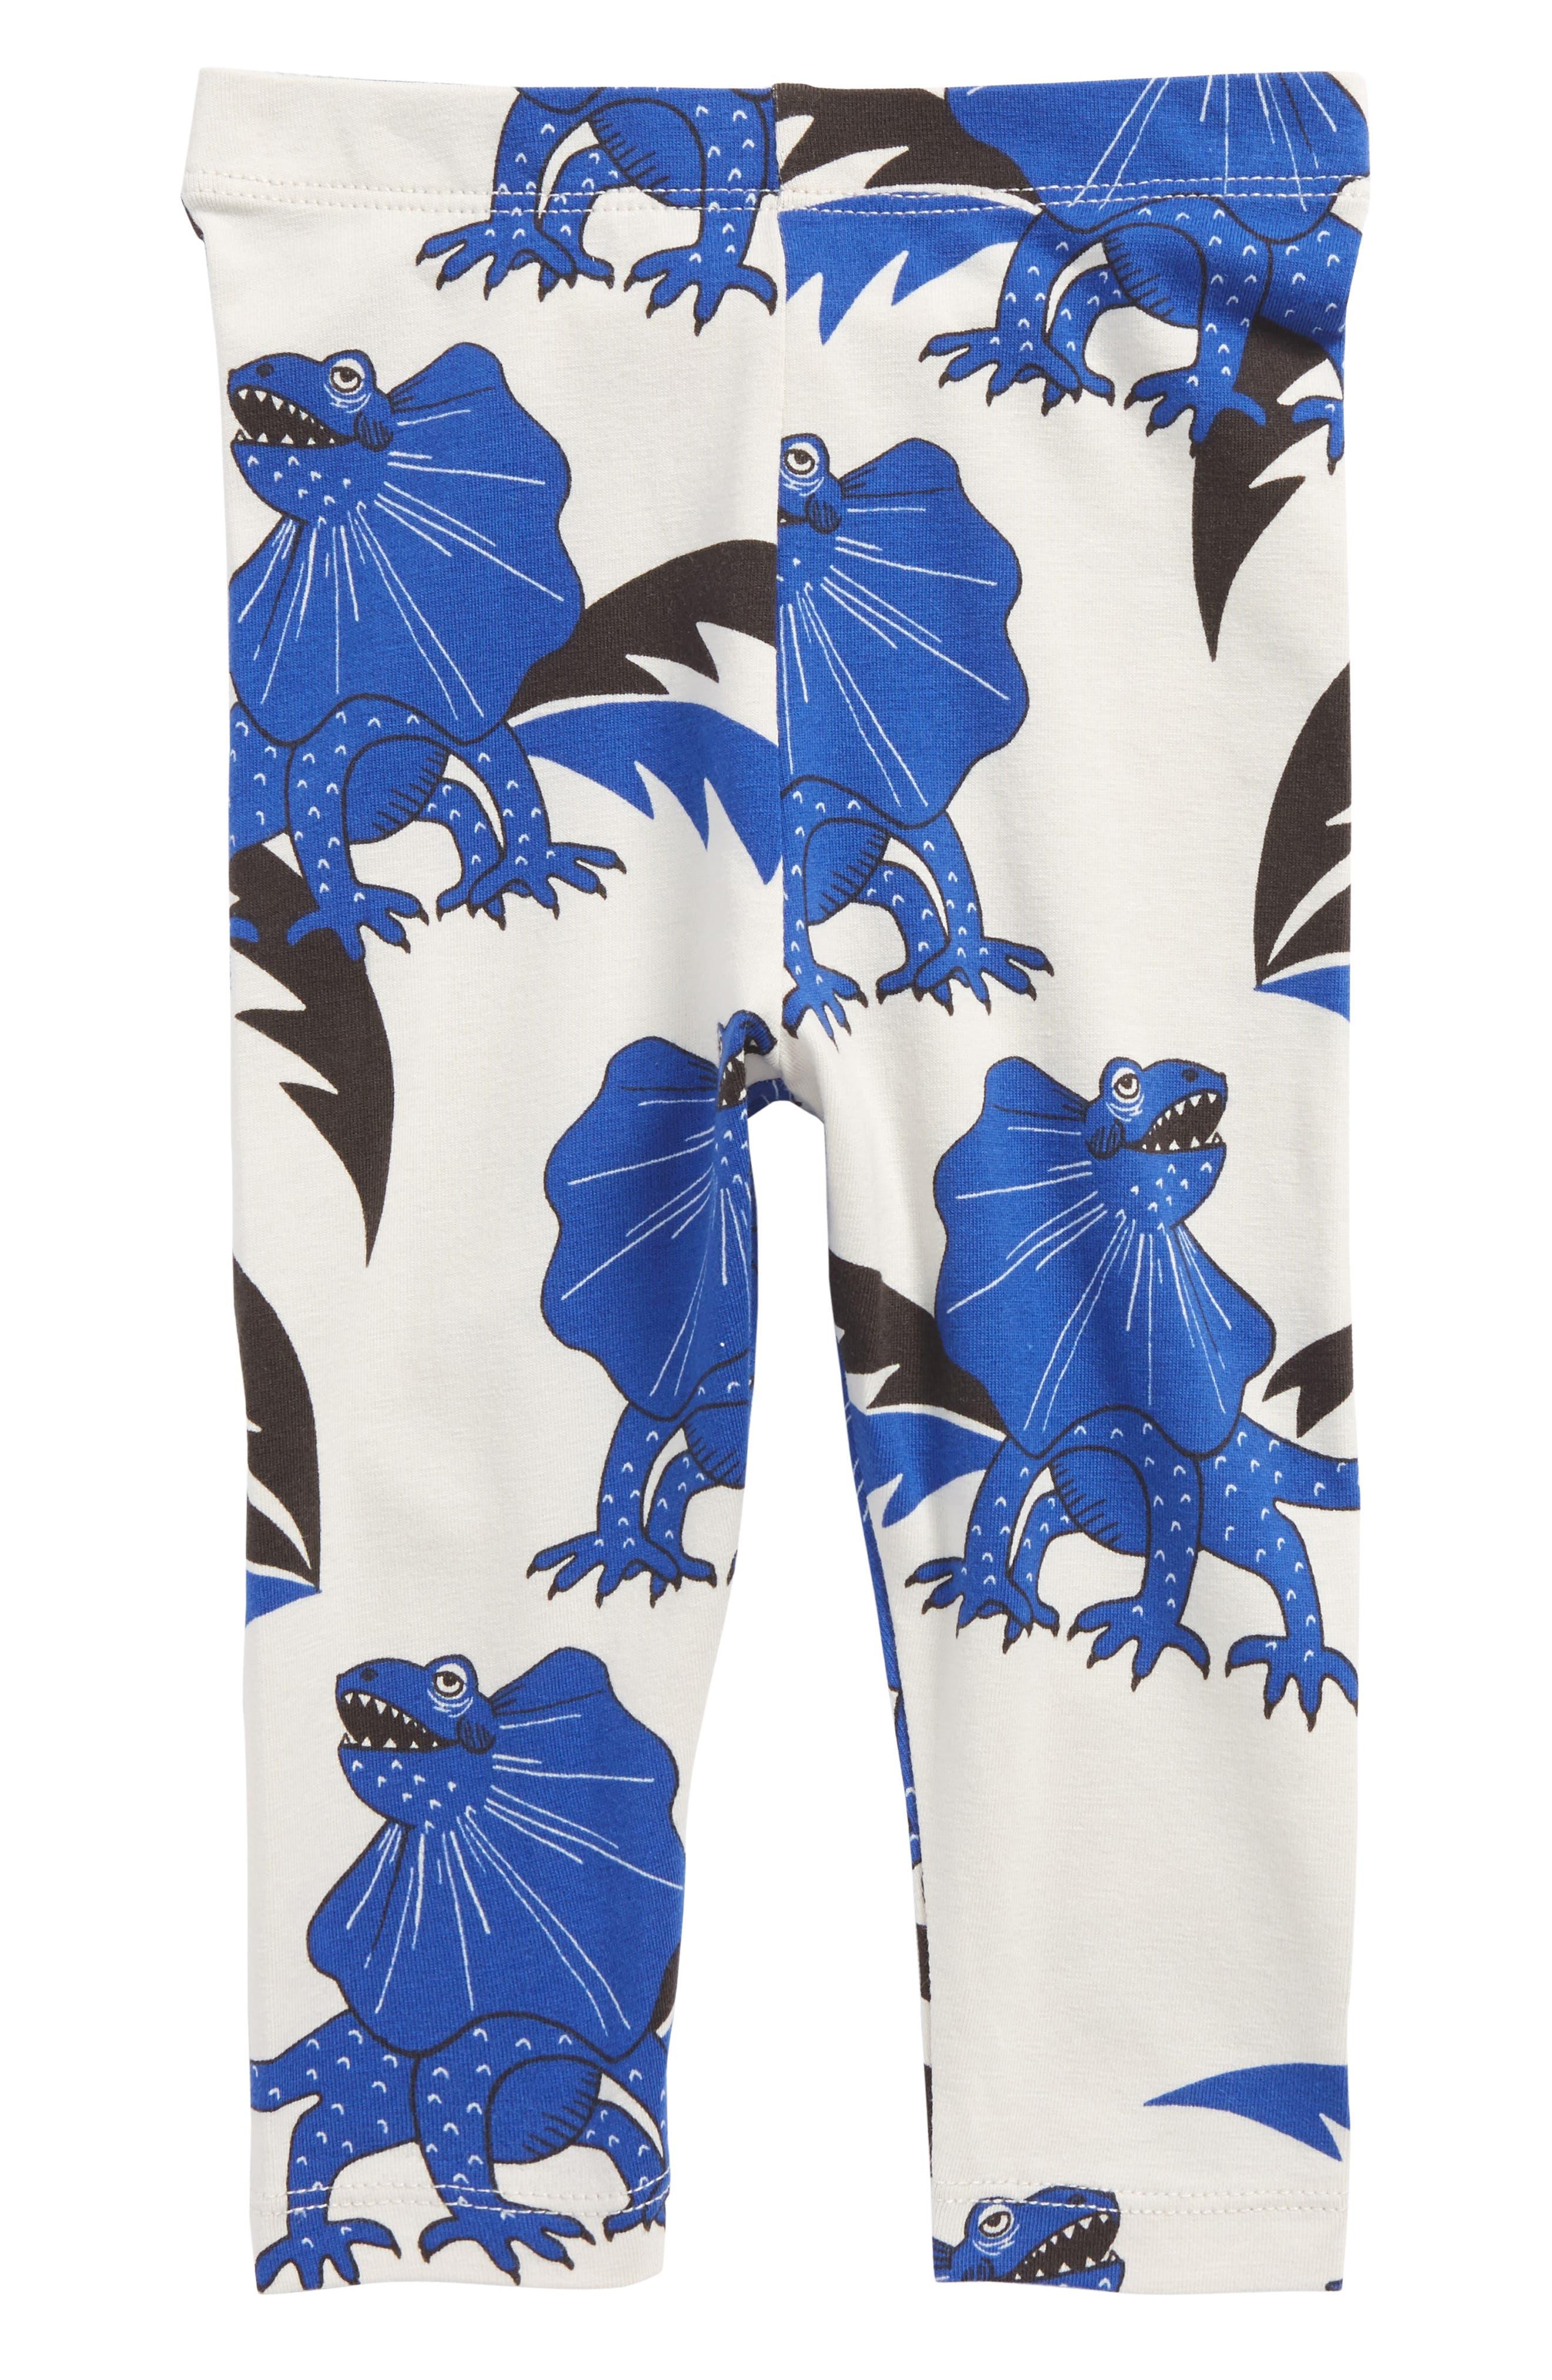 Draco Organic Cotton Blend Pants,                         Main,                         color, Blue